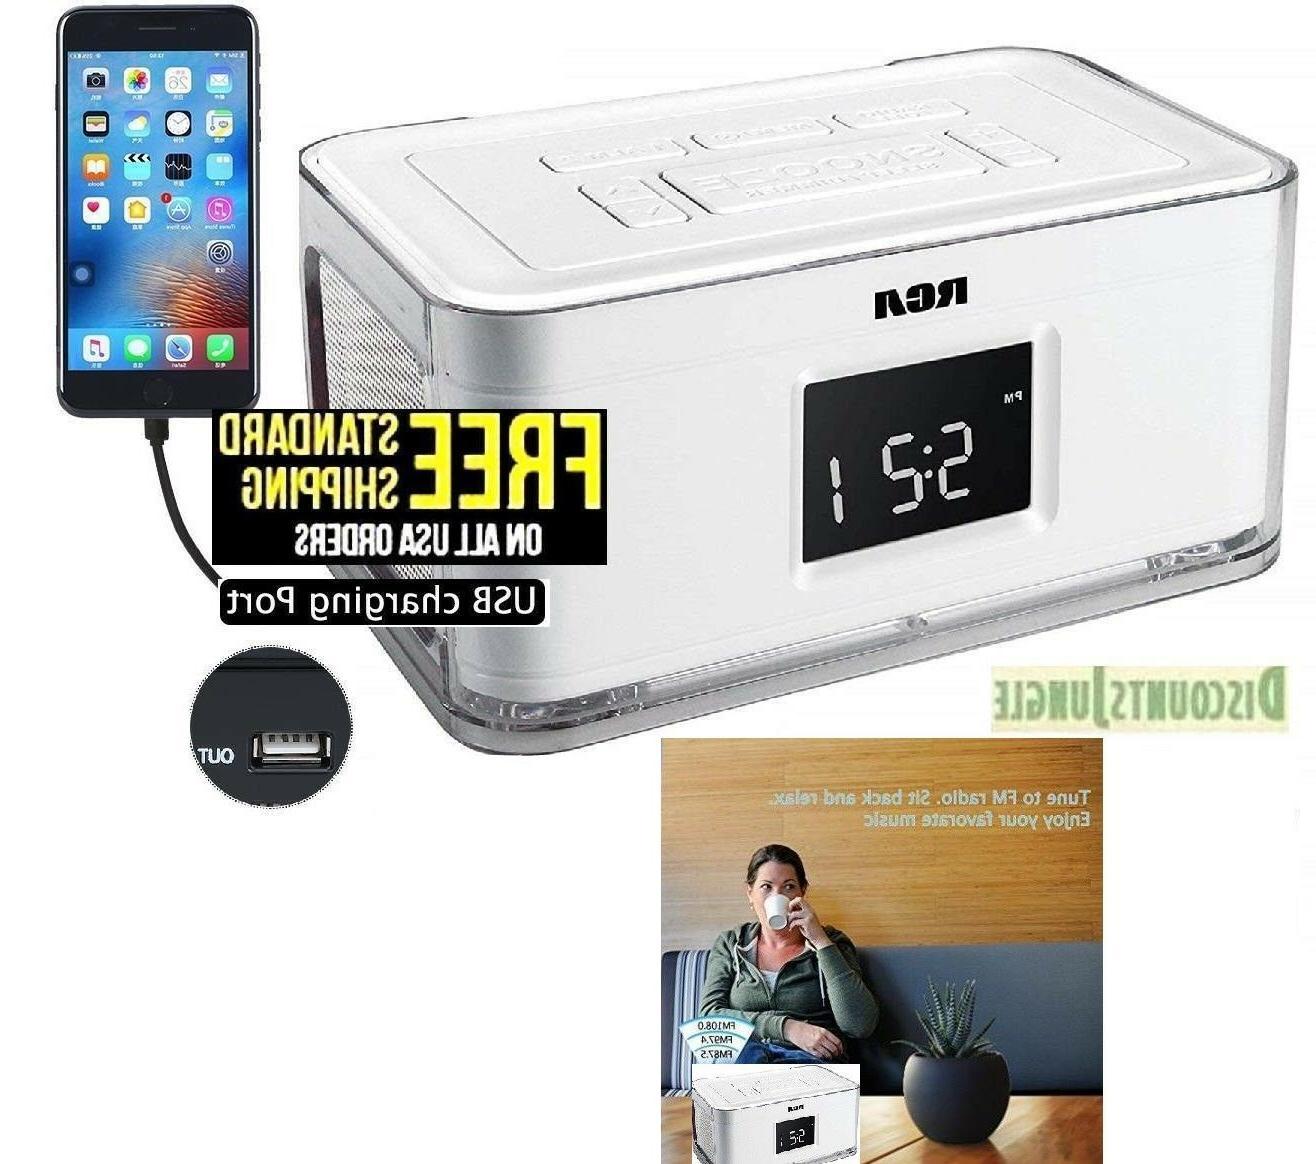 rcr8622 dual alarm clock am fm radio